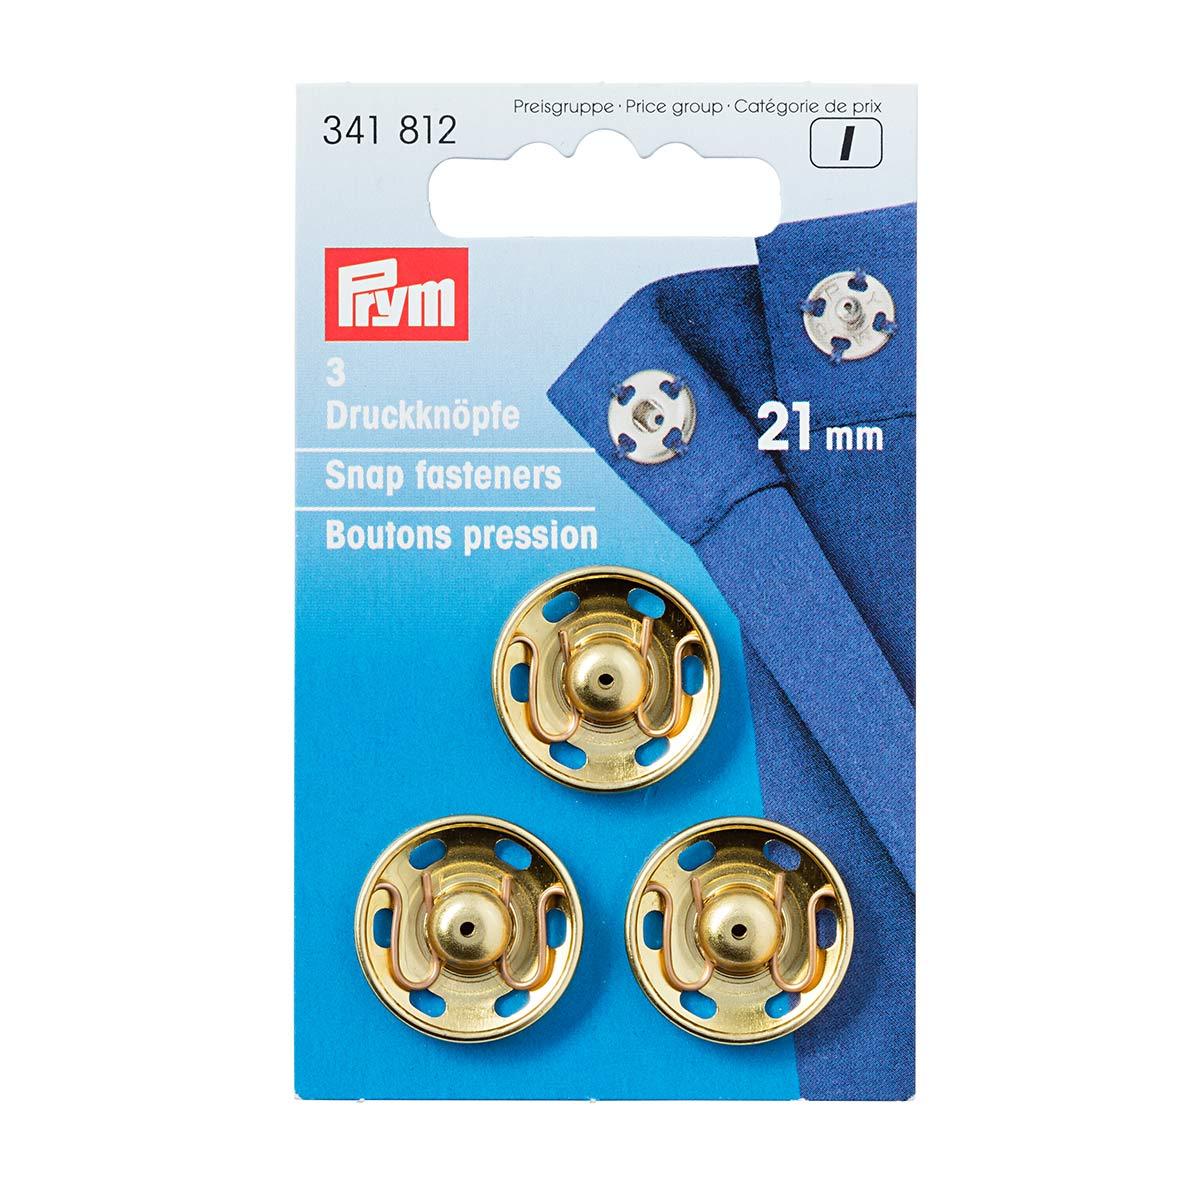 341812 Пришивные кнопки (латунь) золотистый цв. 21 мм Prym